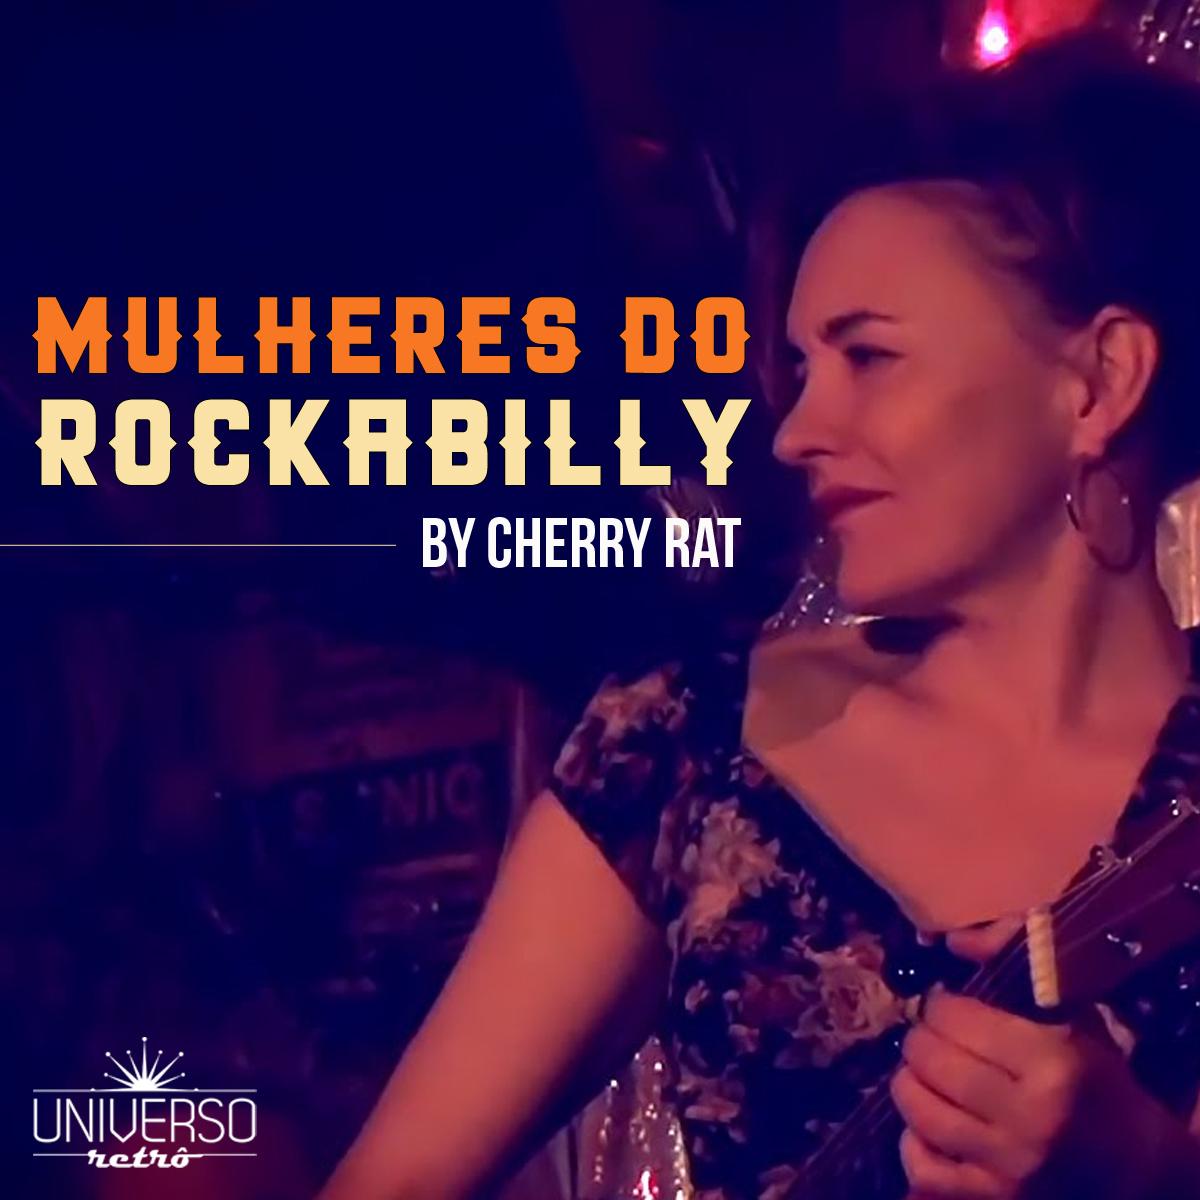 Mulheres do Rockabilly